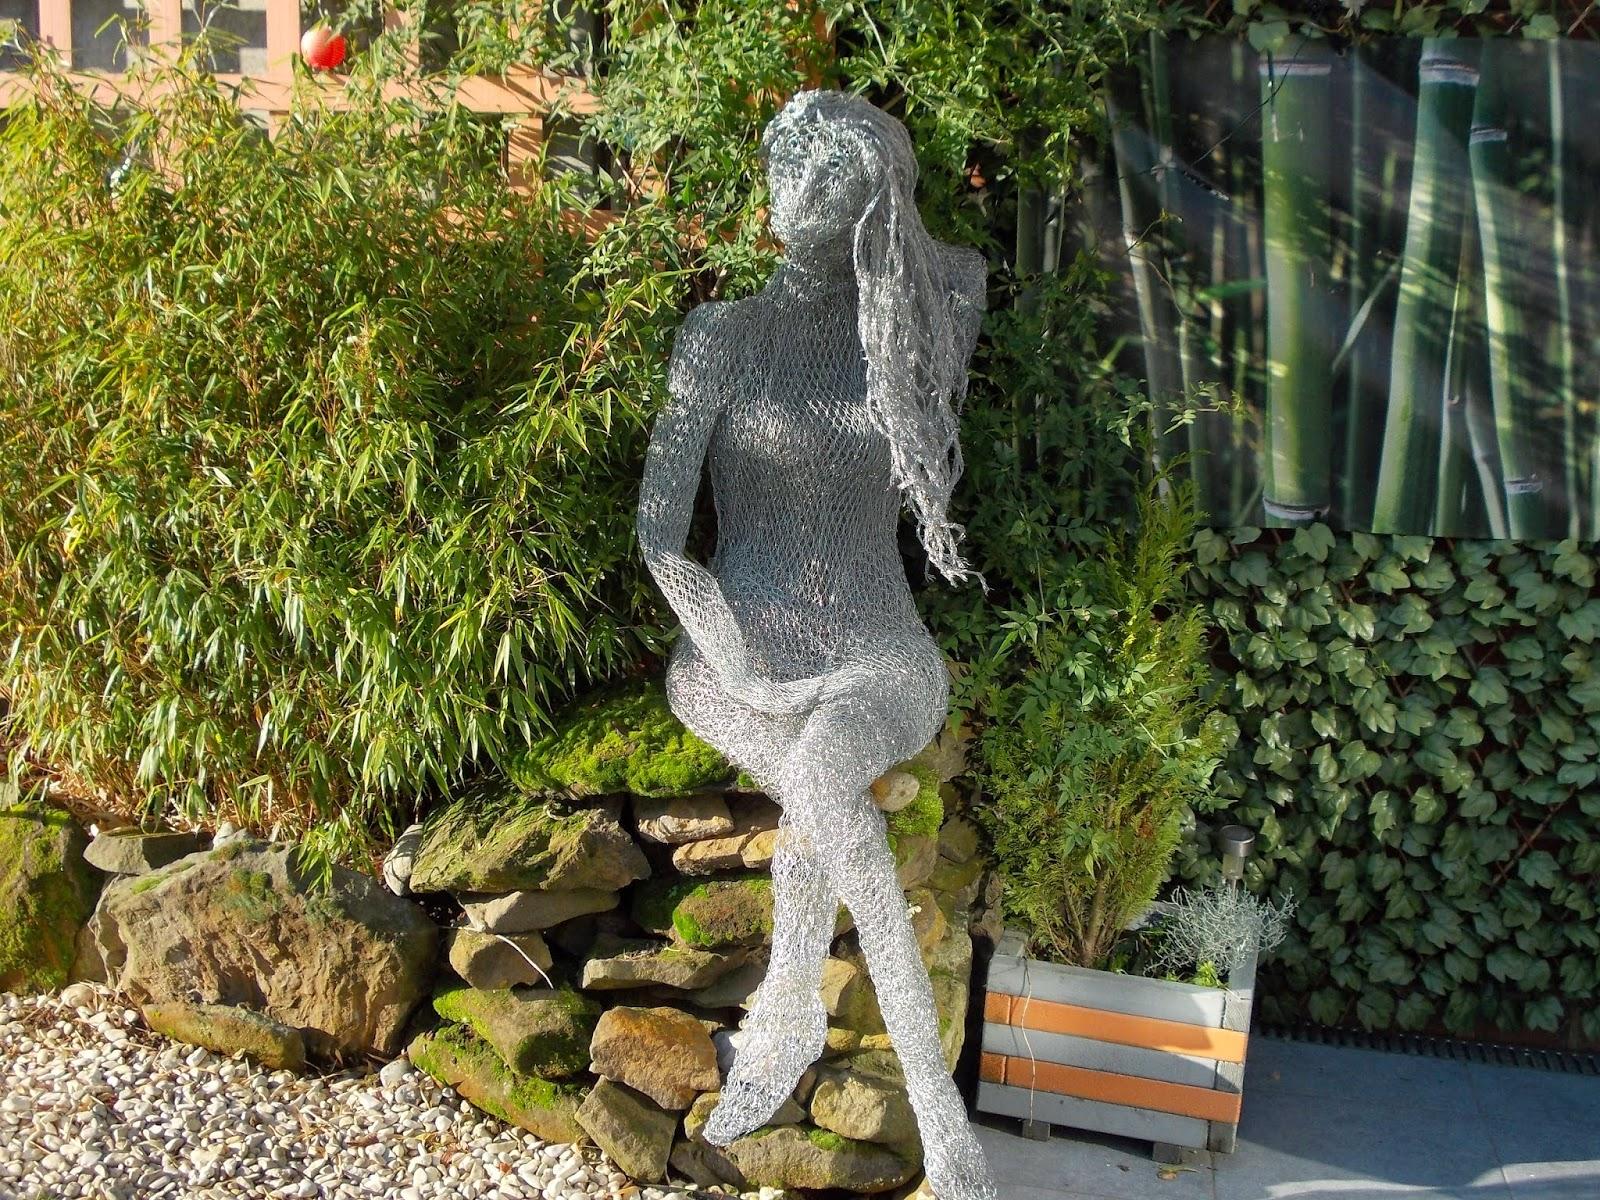 Sculpture Grillage A Poule par-delà le grillage - sculptures -: gertrude